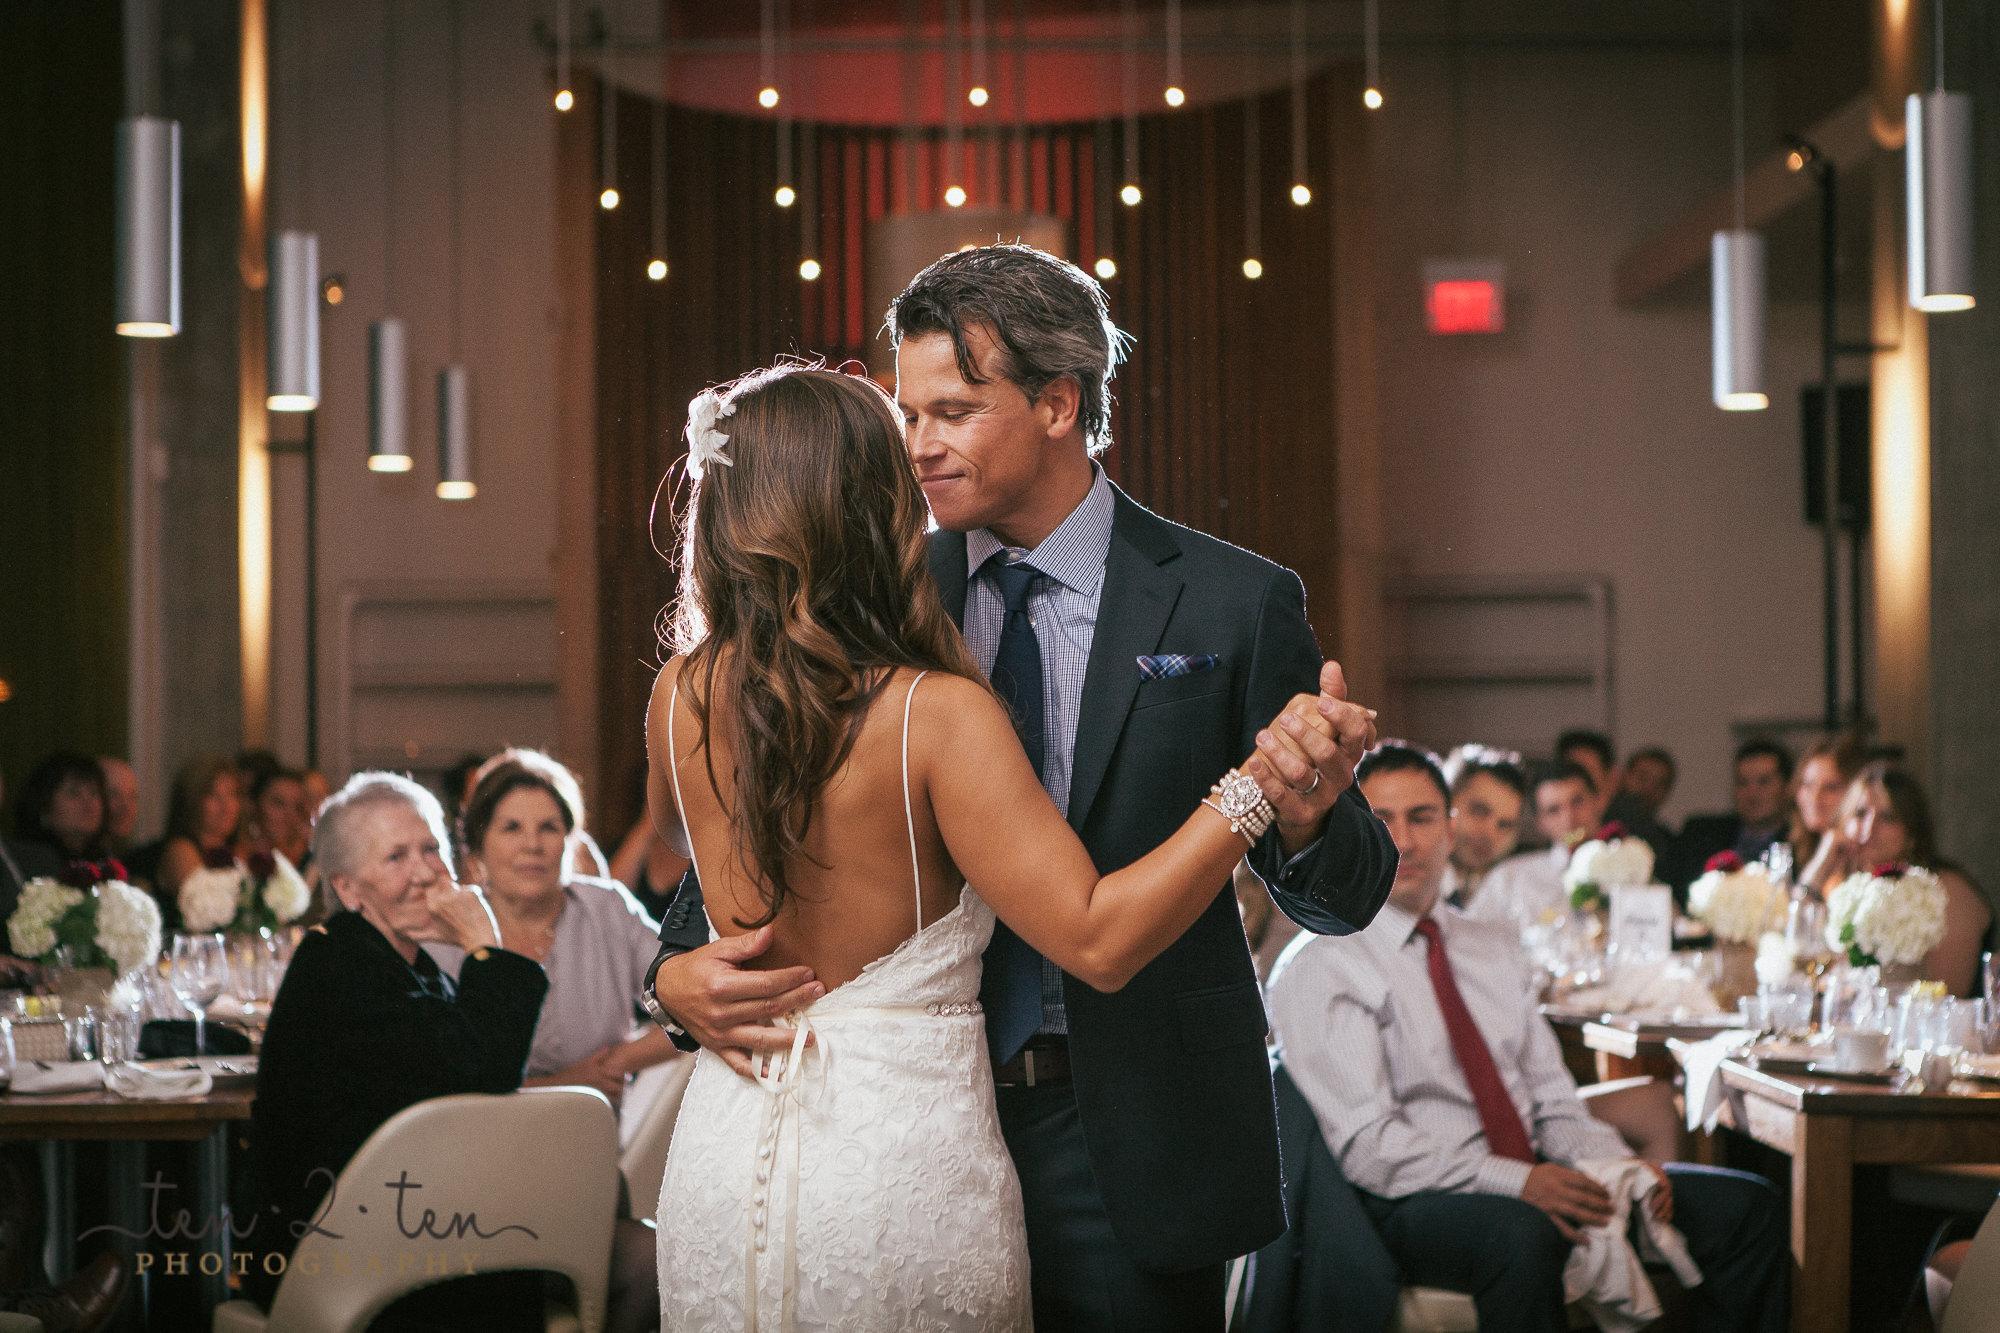 mildreds temple kitchen wedding photos 472 - Mildred's Temple Kitchen Wedding Photos